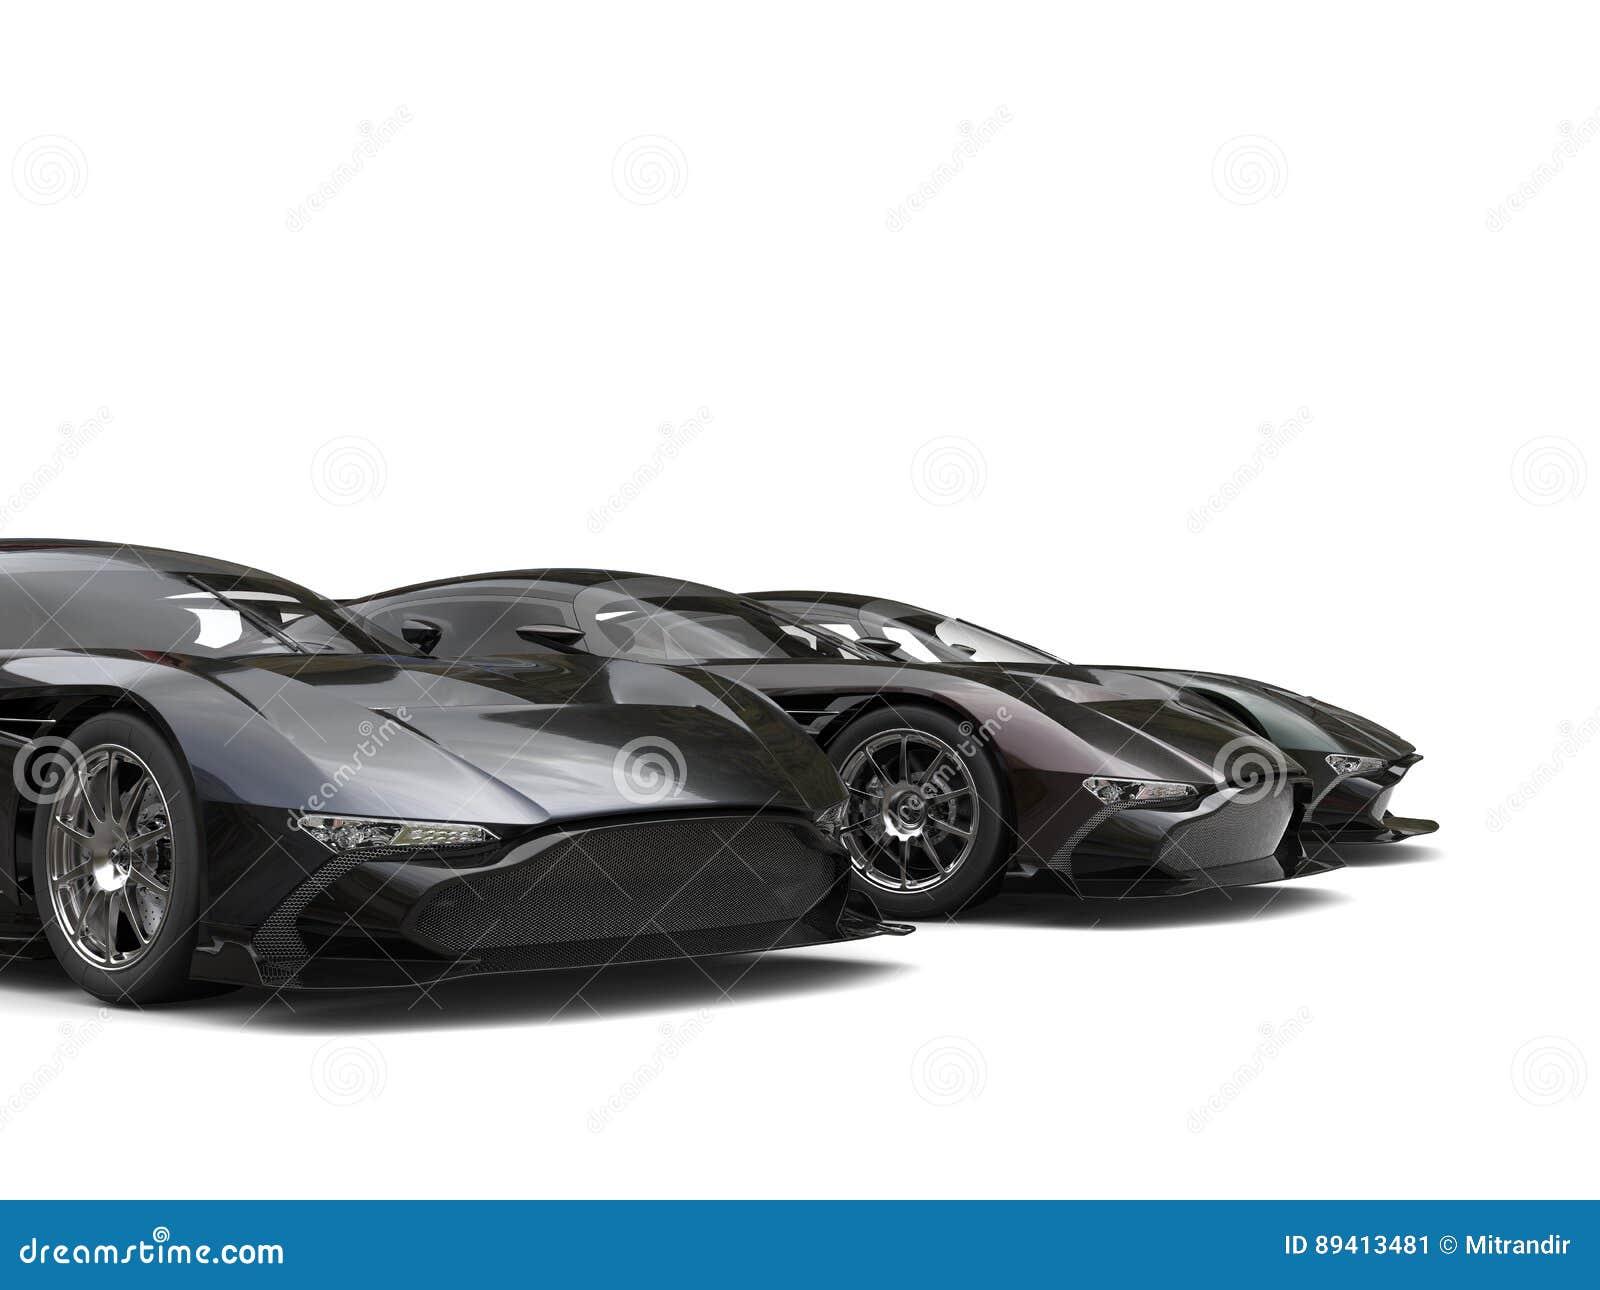 Carros super pretos modernos em seguido - corte o tiro